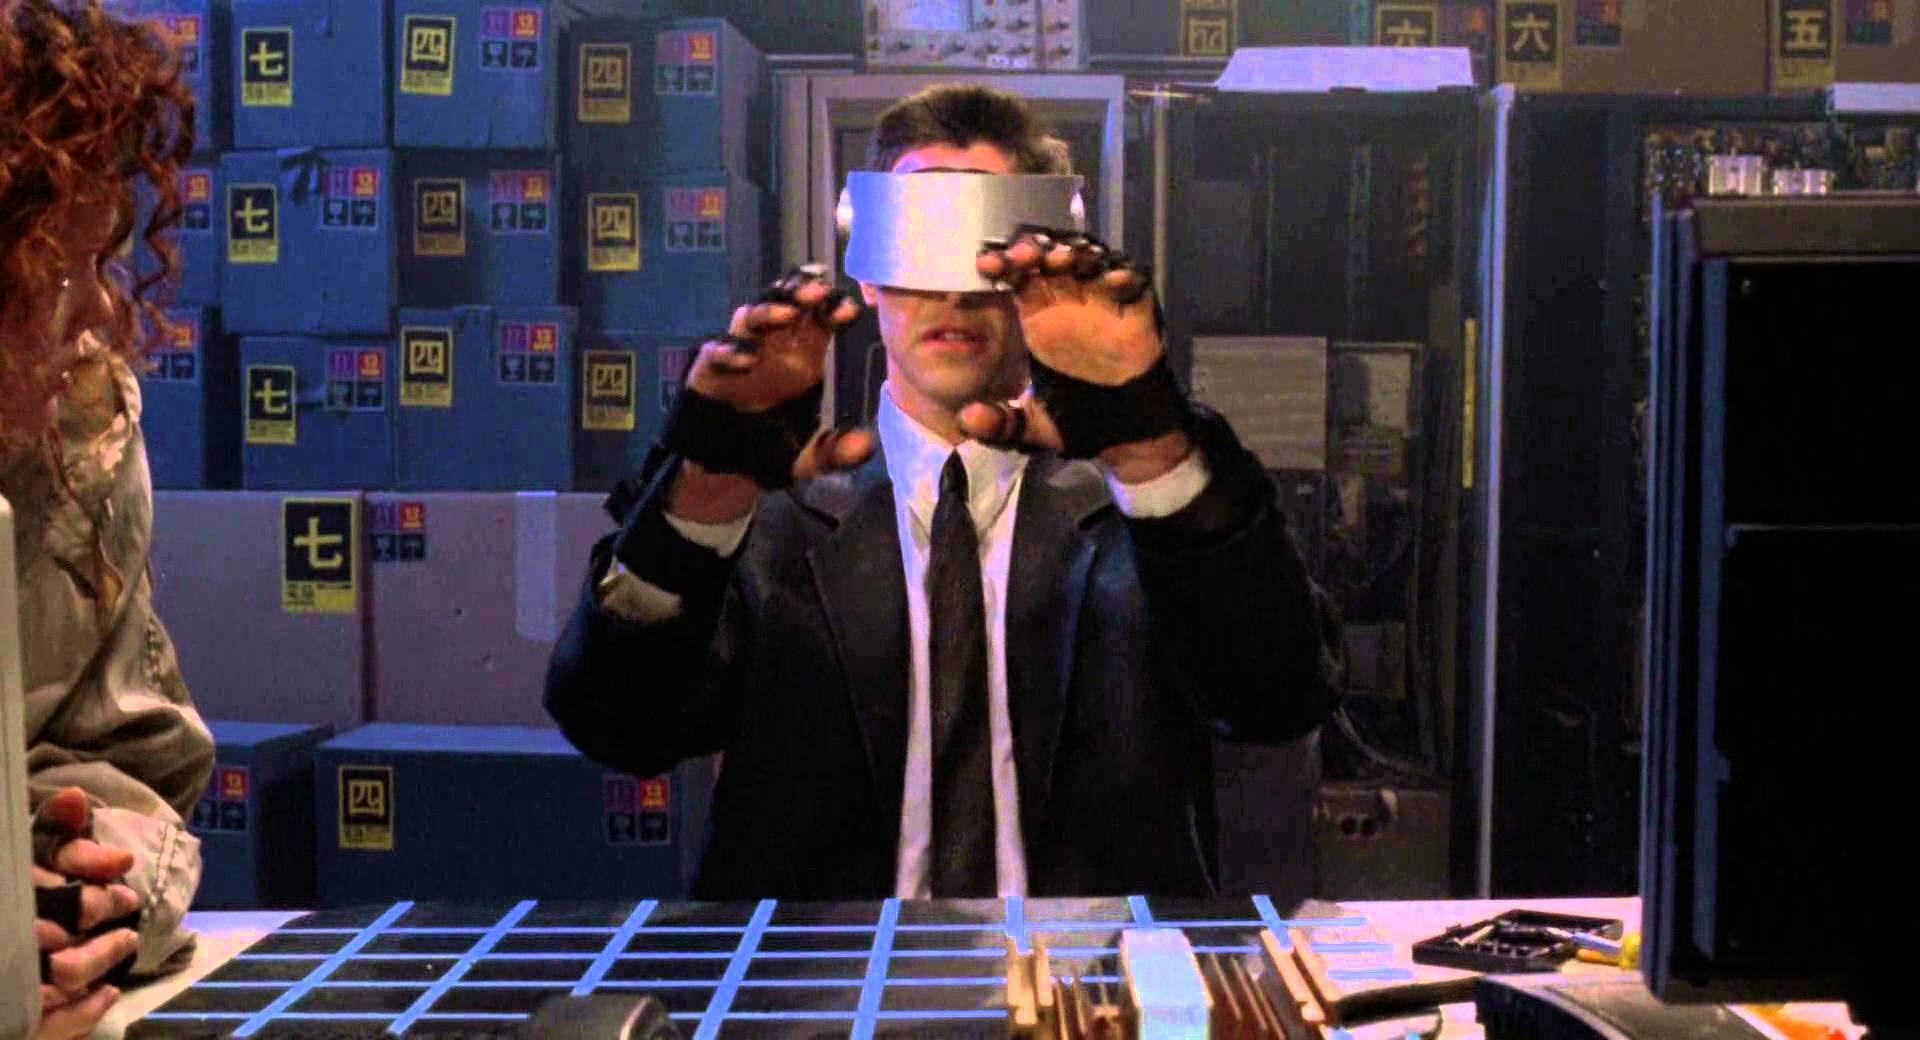 PHOTO: Wolfenstein 3D time.